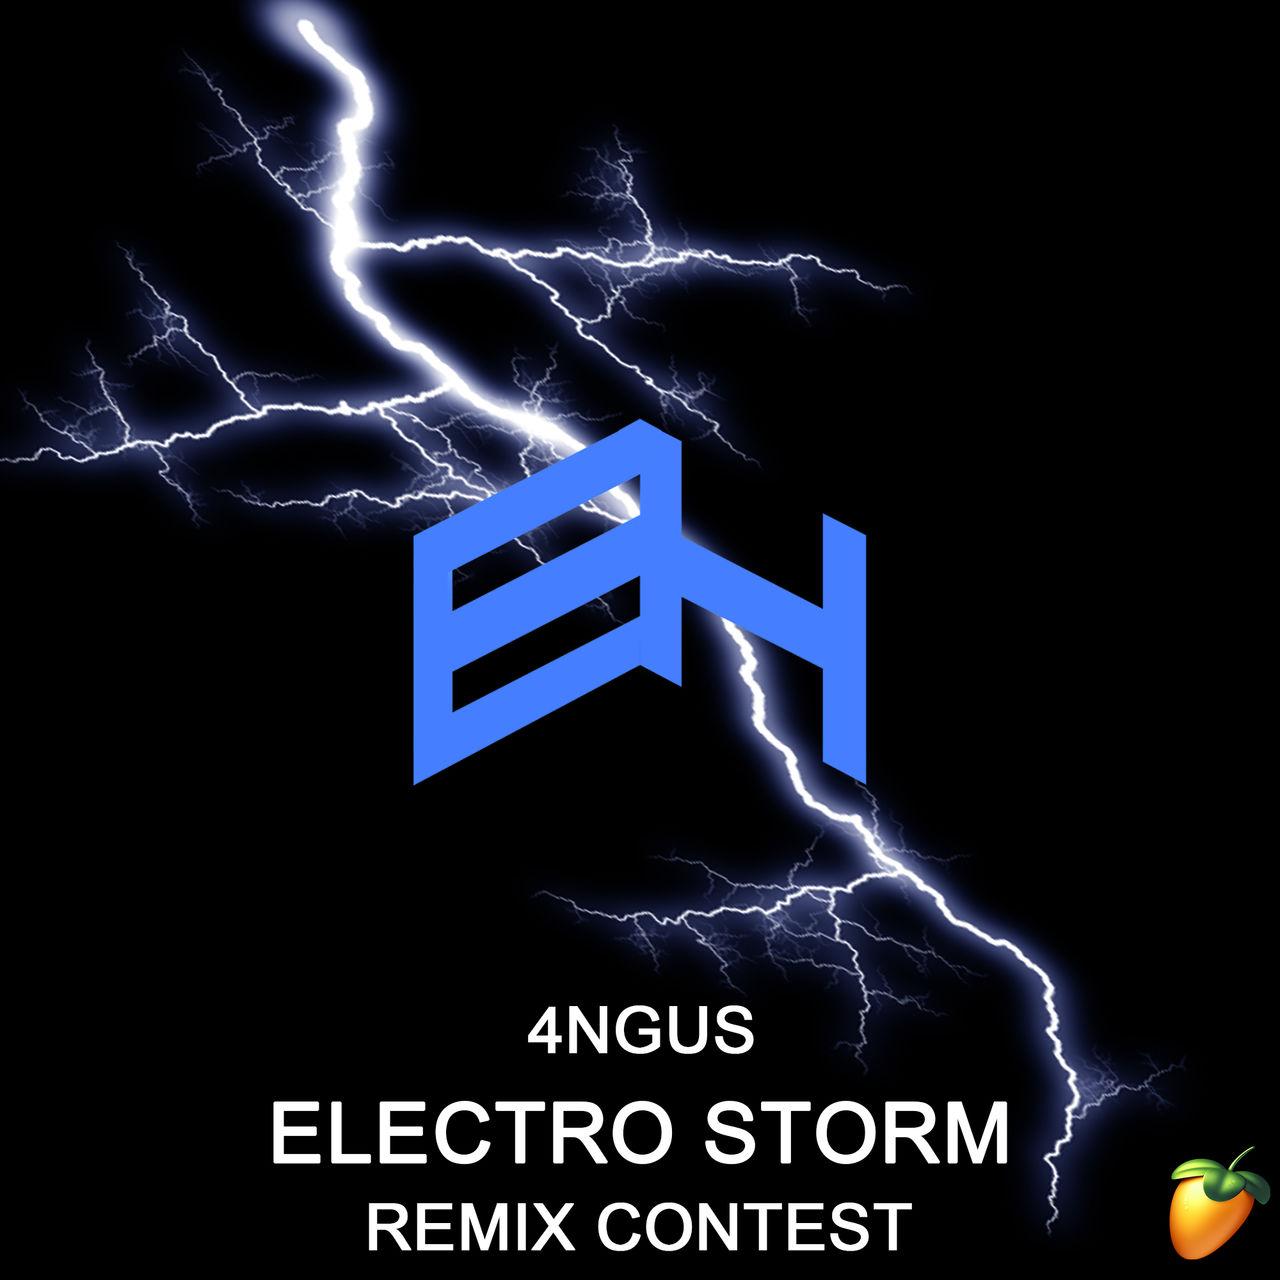 Electro Storm Remix Contest